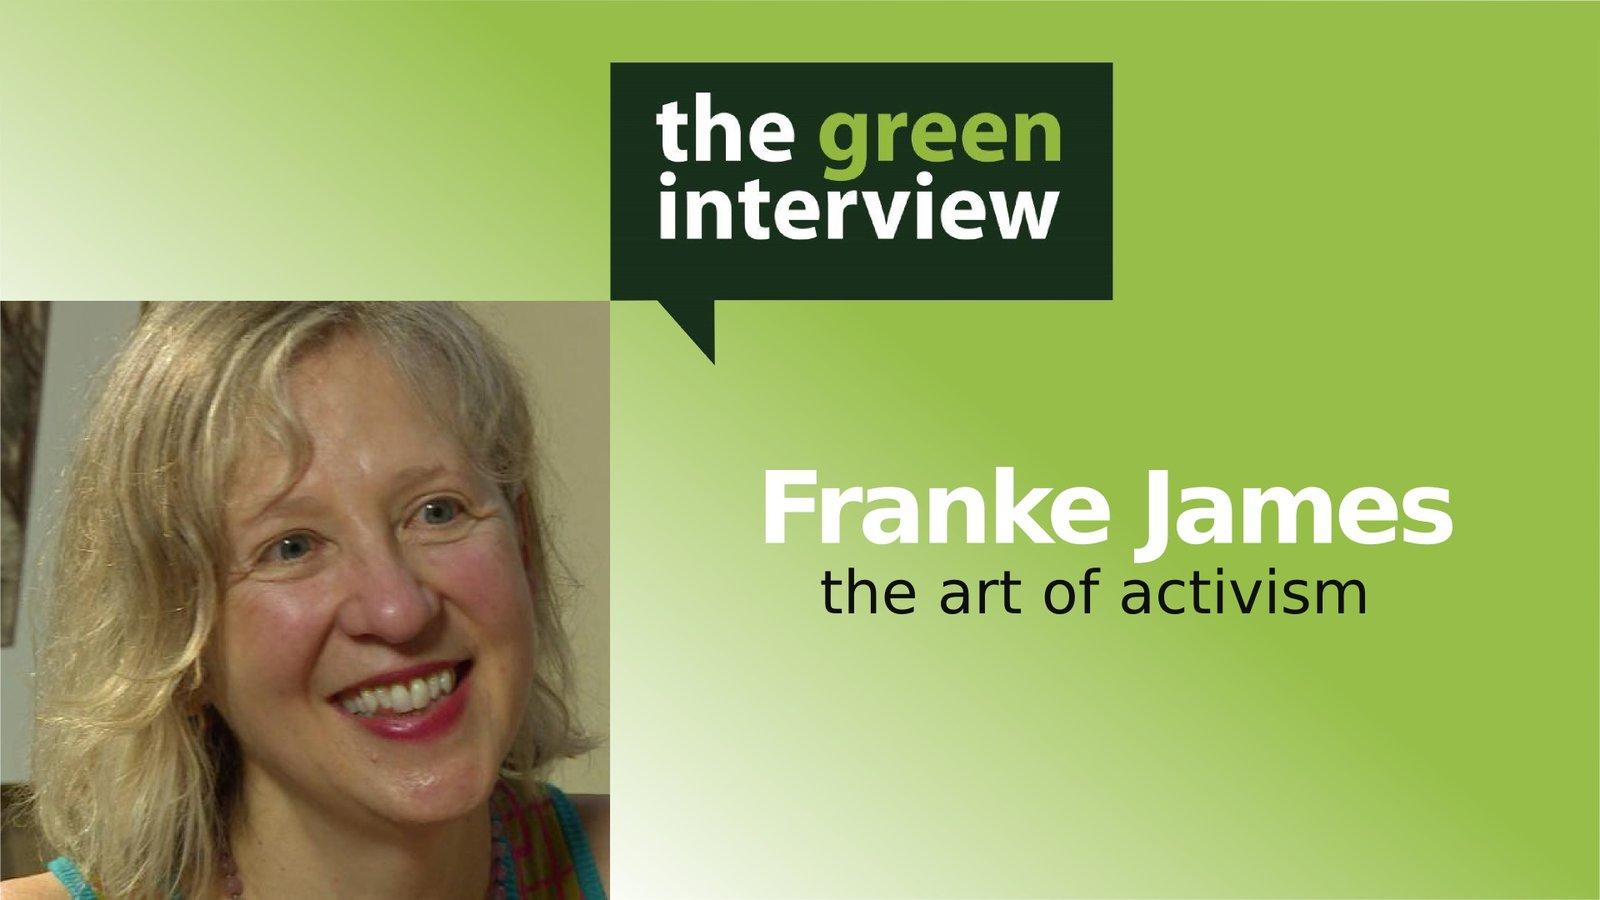 Franke James: The Art of Activism